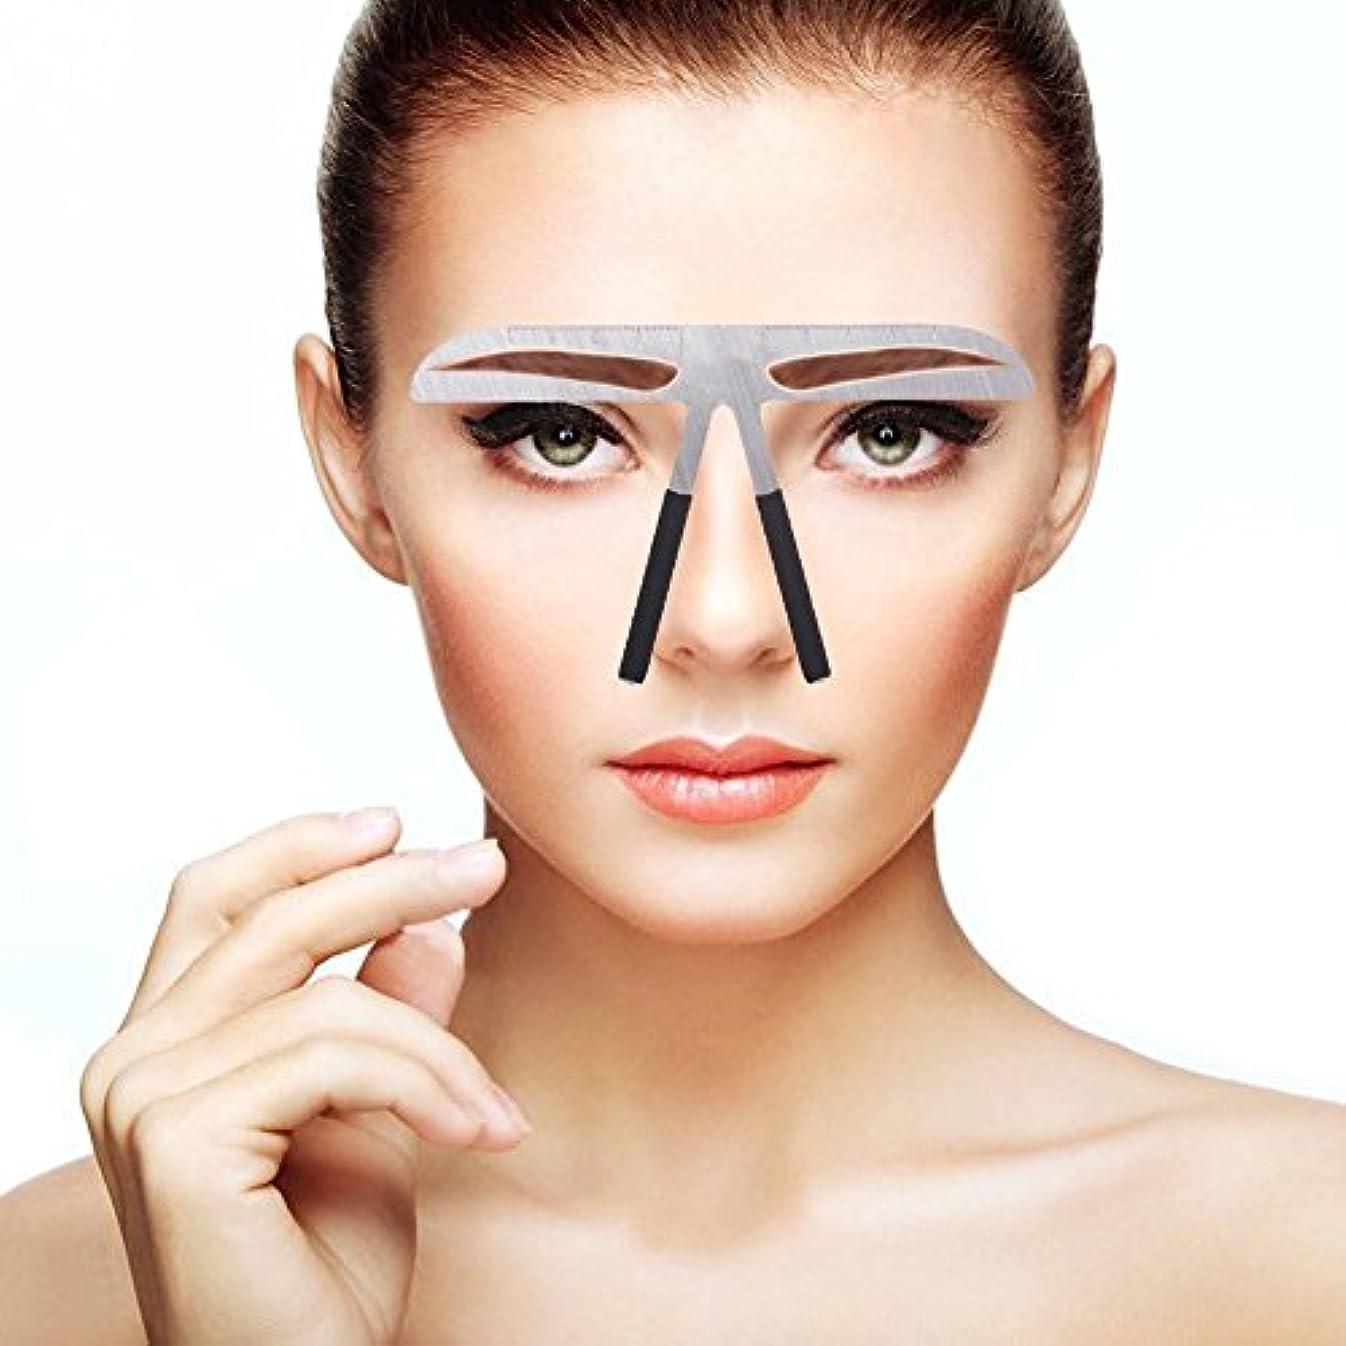 明るいボイド切断する眉毛テンプレート 眉毛の定規 メイクアップ 美容ツール アイブローテンプレート アートメイク用定規 美容用 恒久化粧ツール 左右対称 位置決め (02)